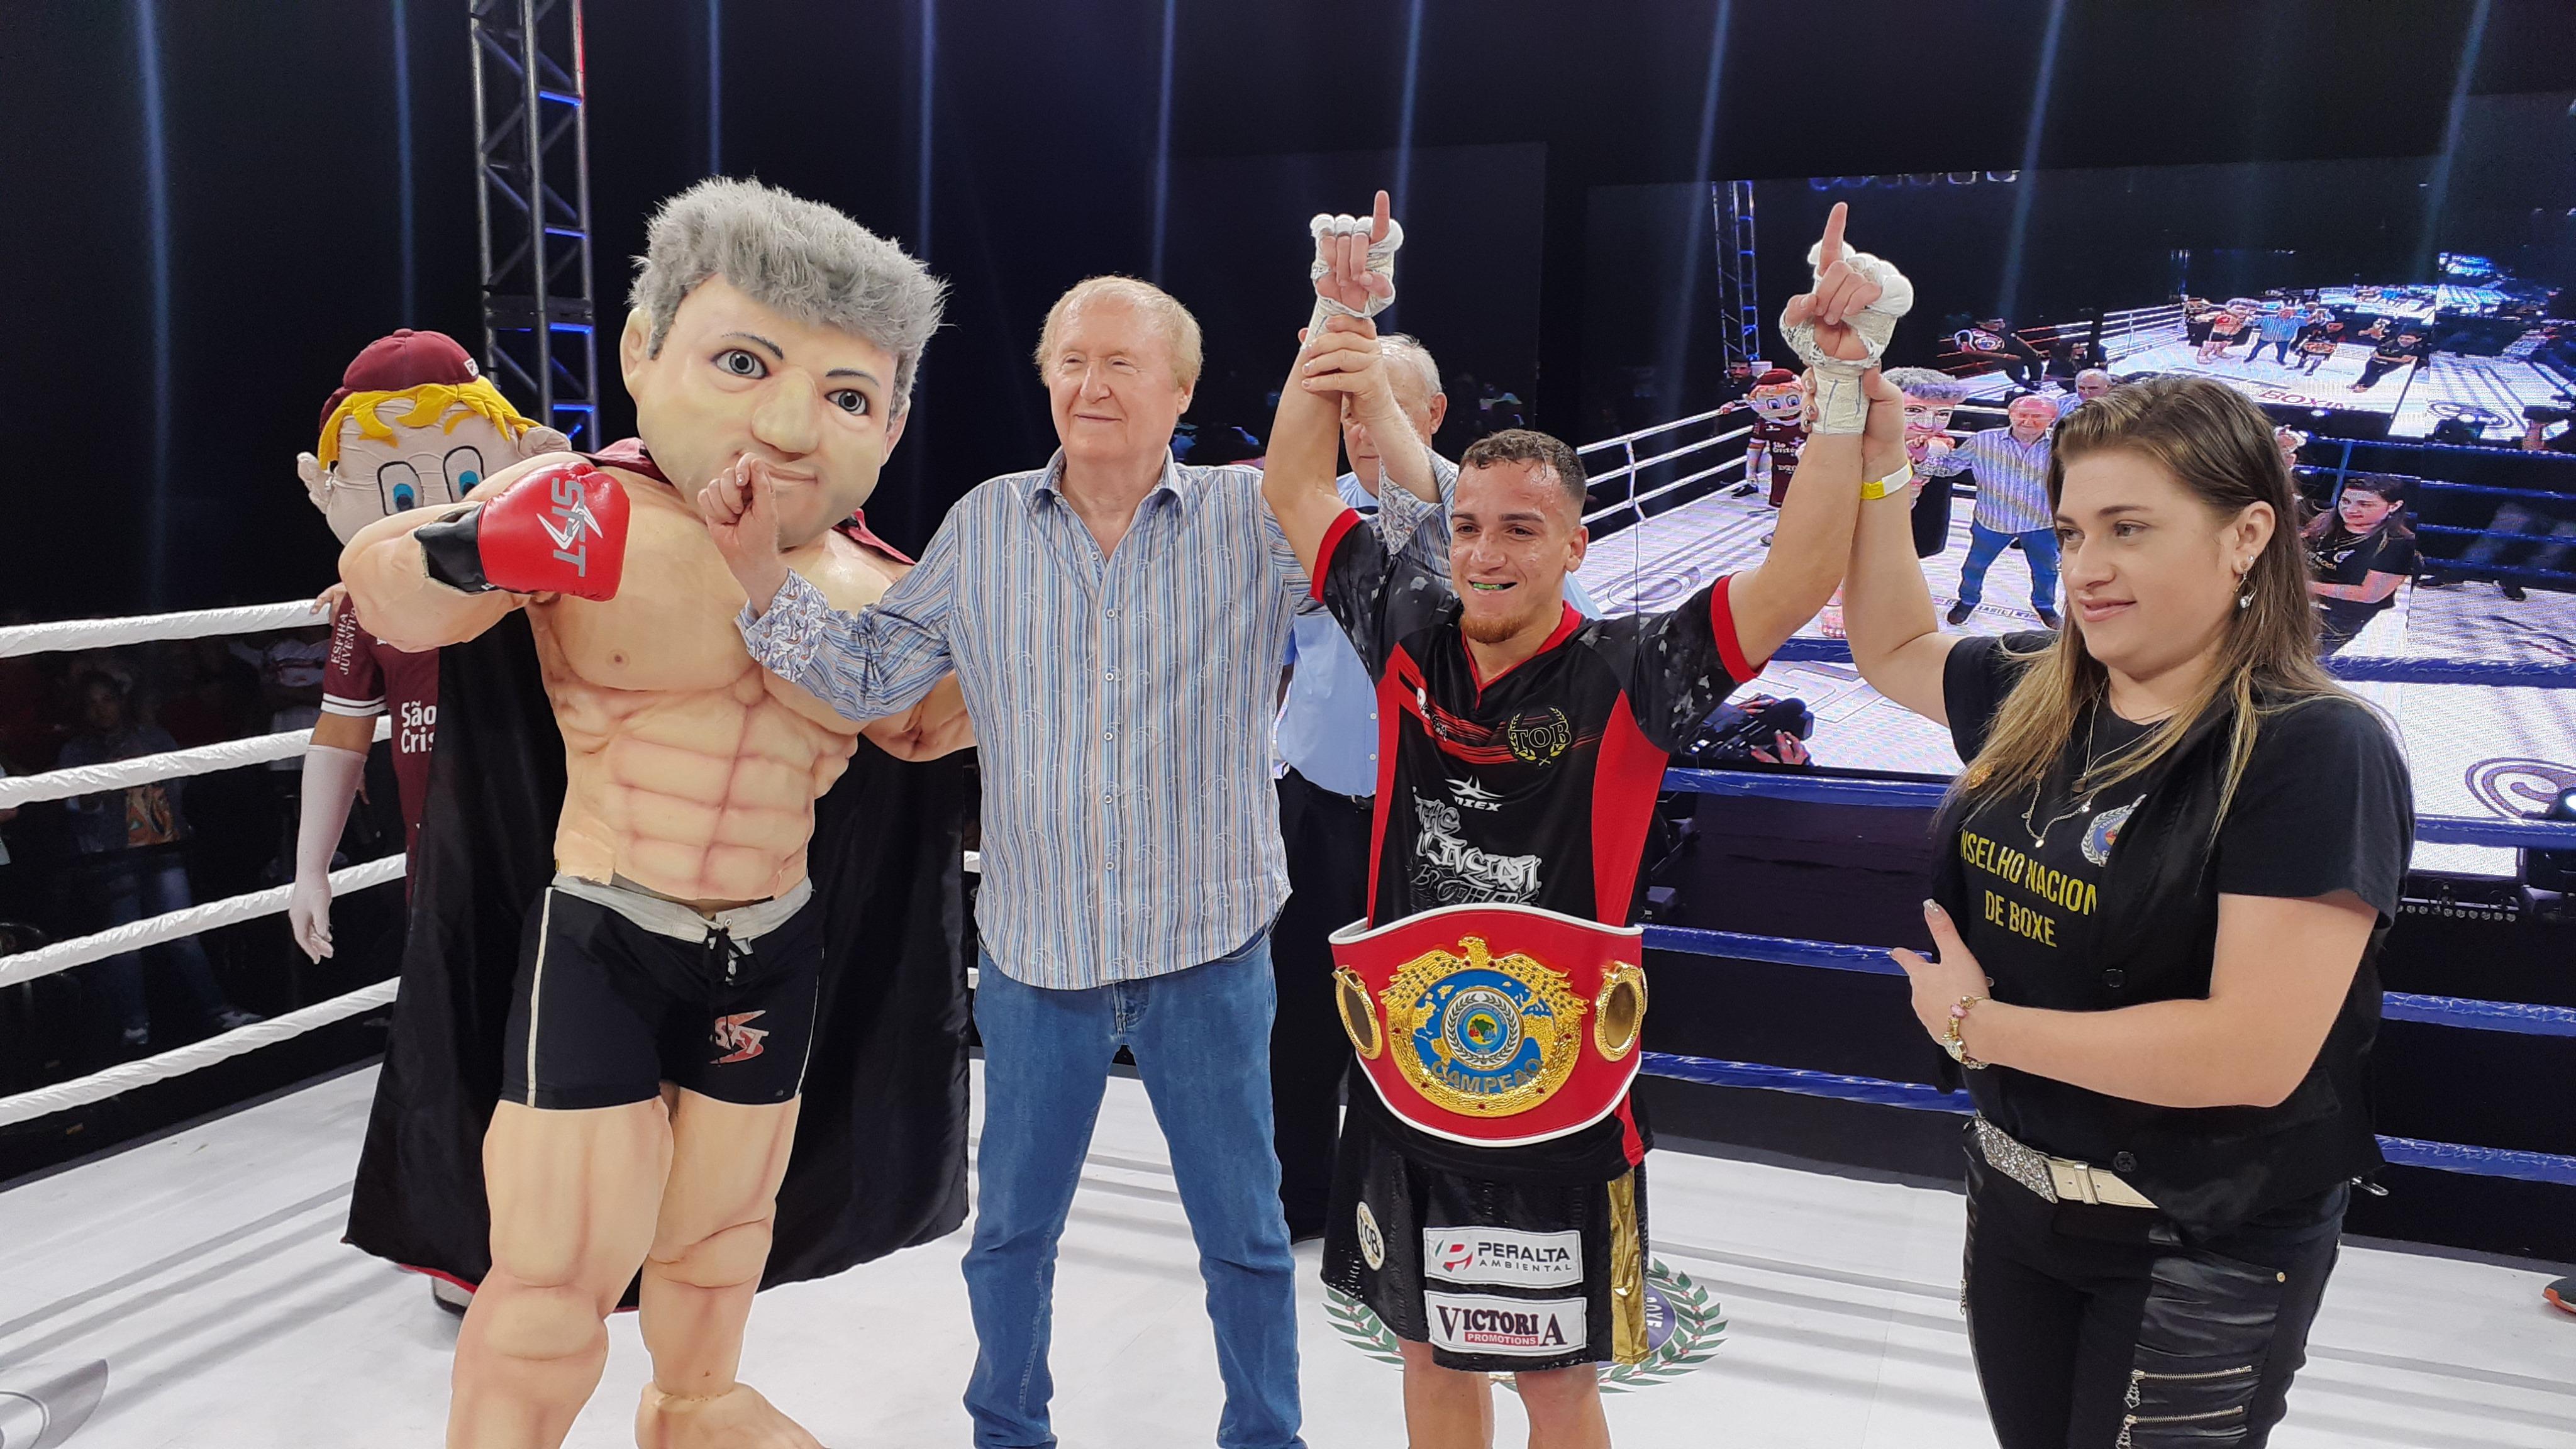 Rubens Diego Campeão Brasileiro